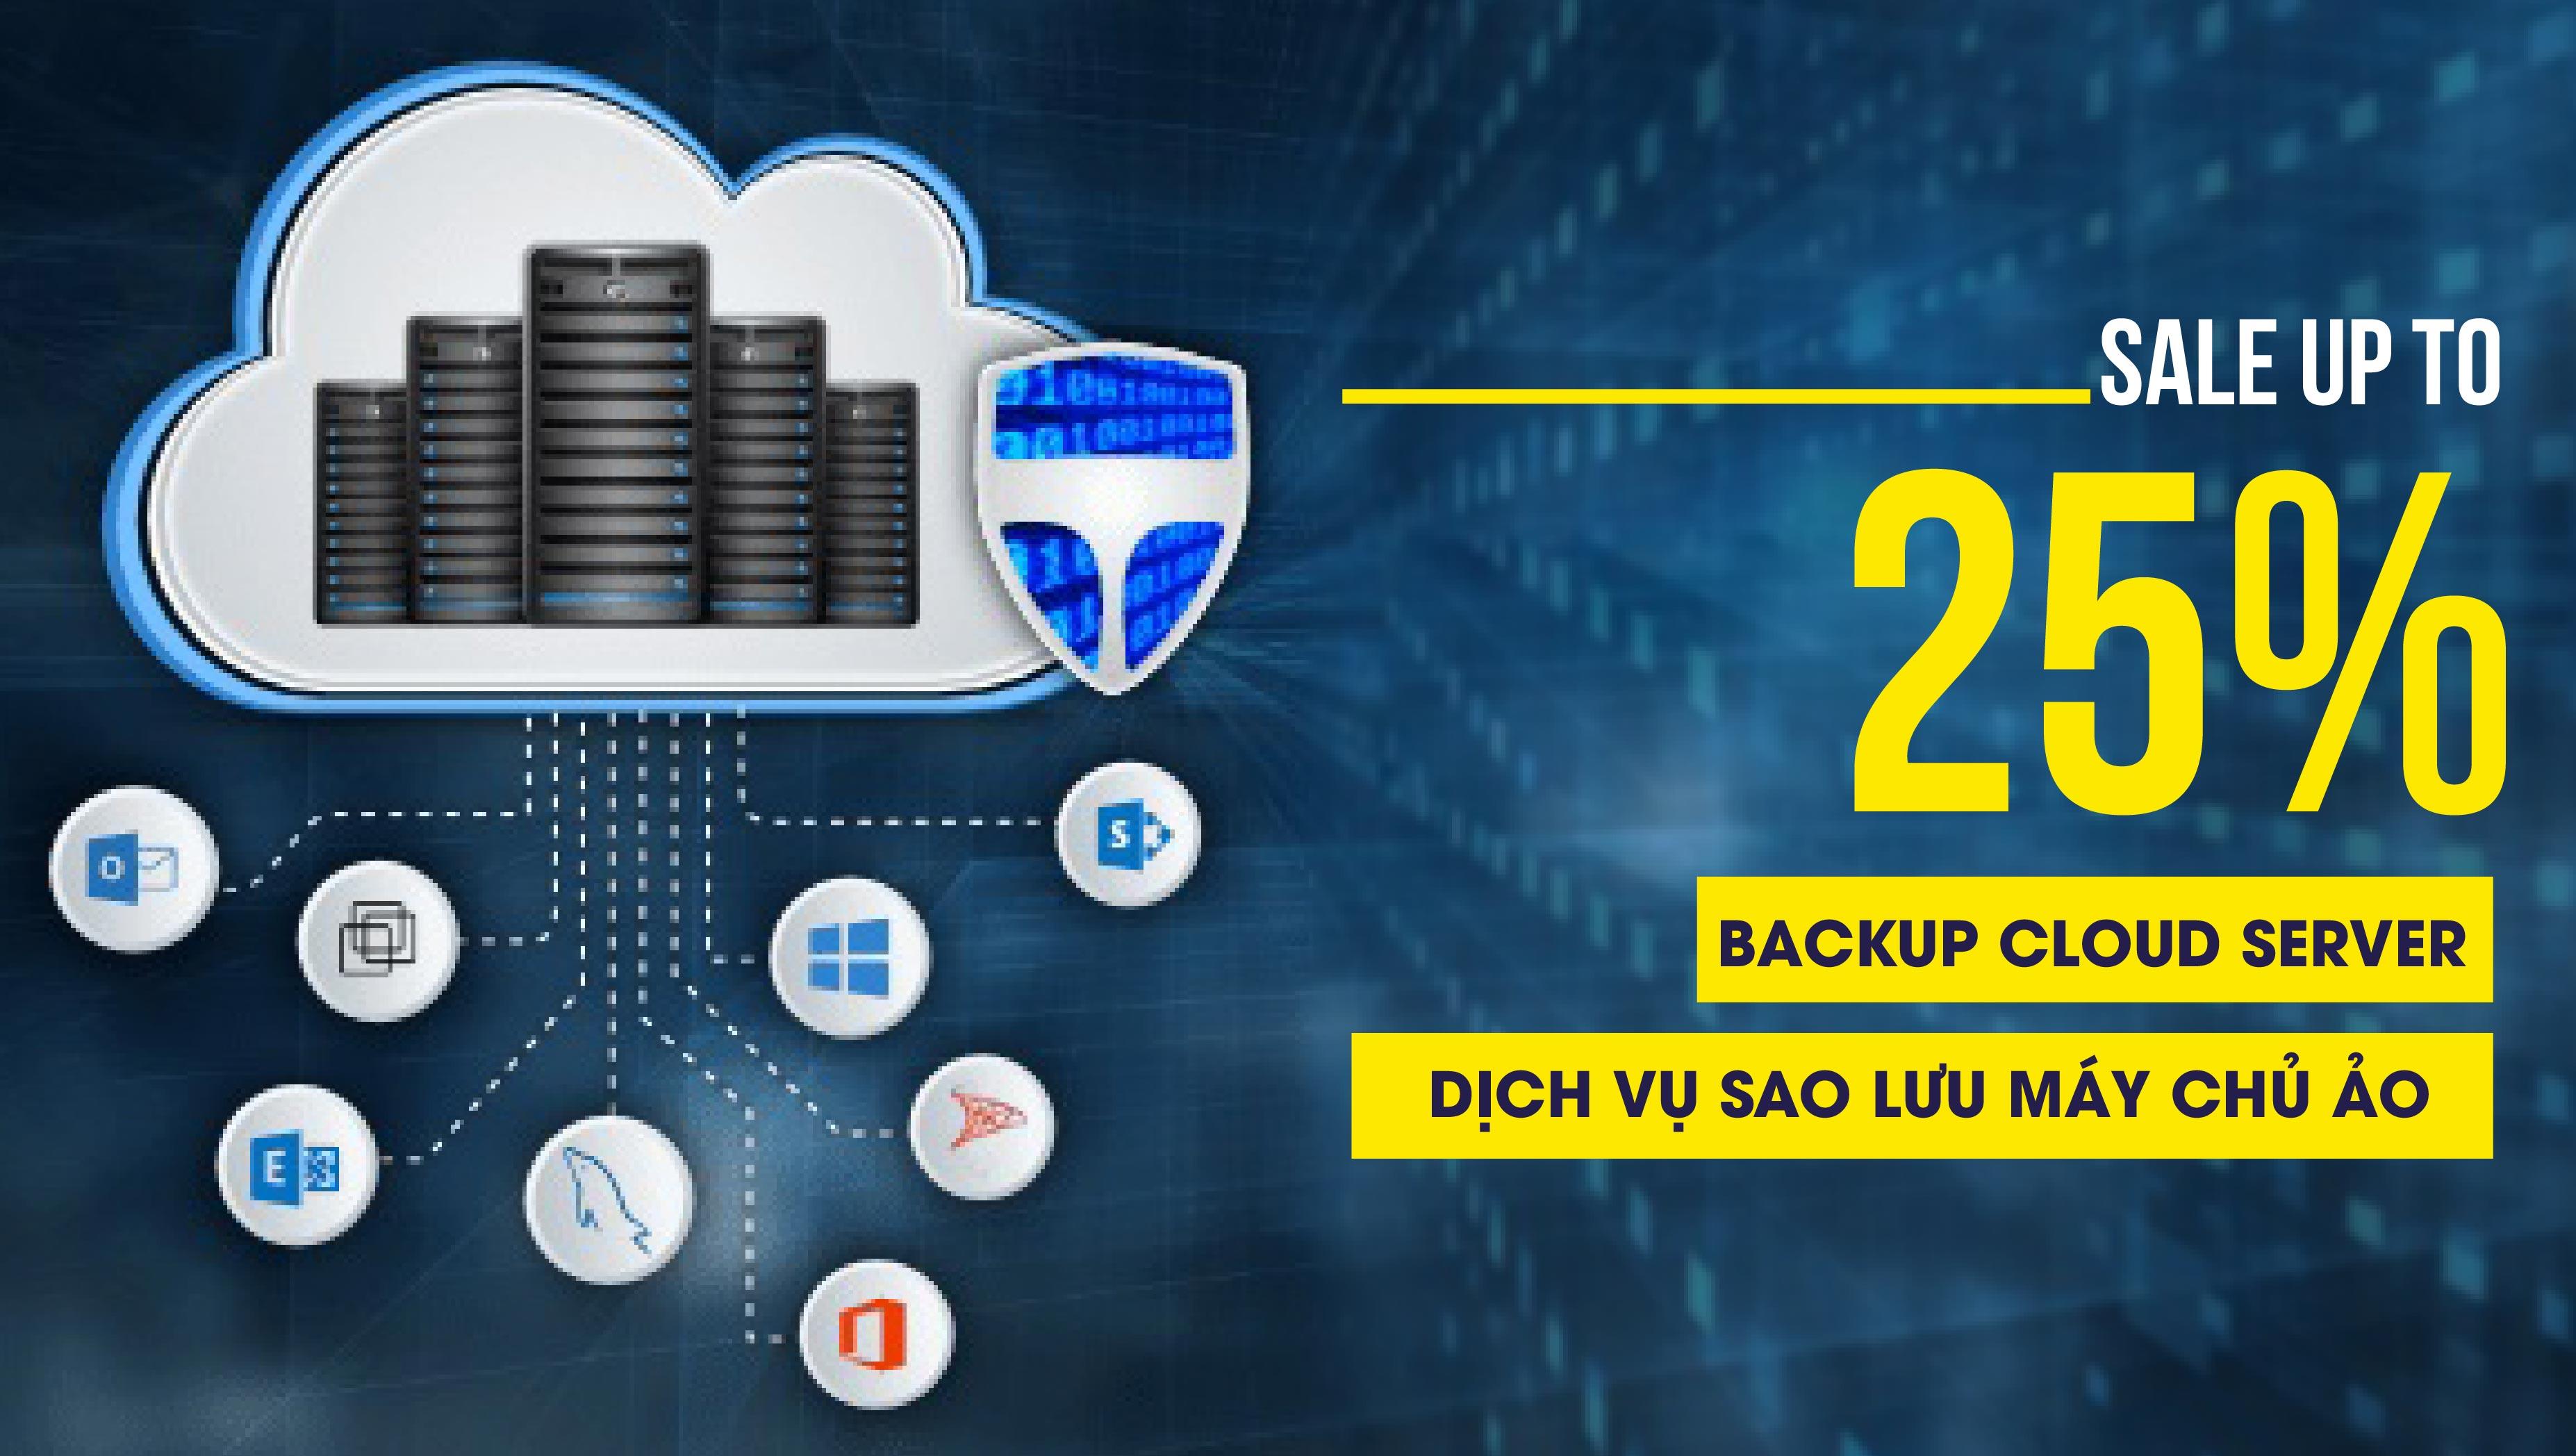 Giảm đến 30% mừng ra mắt dịch vụ sao lưu máy chủ ảo Backup Cloud Server